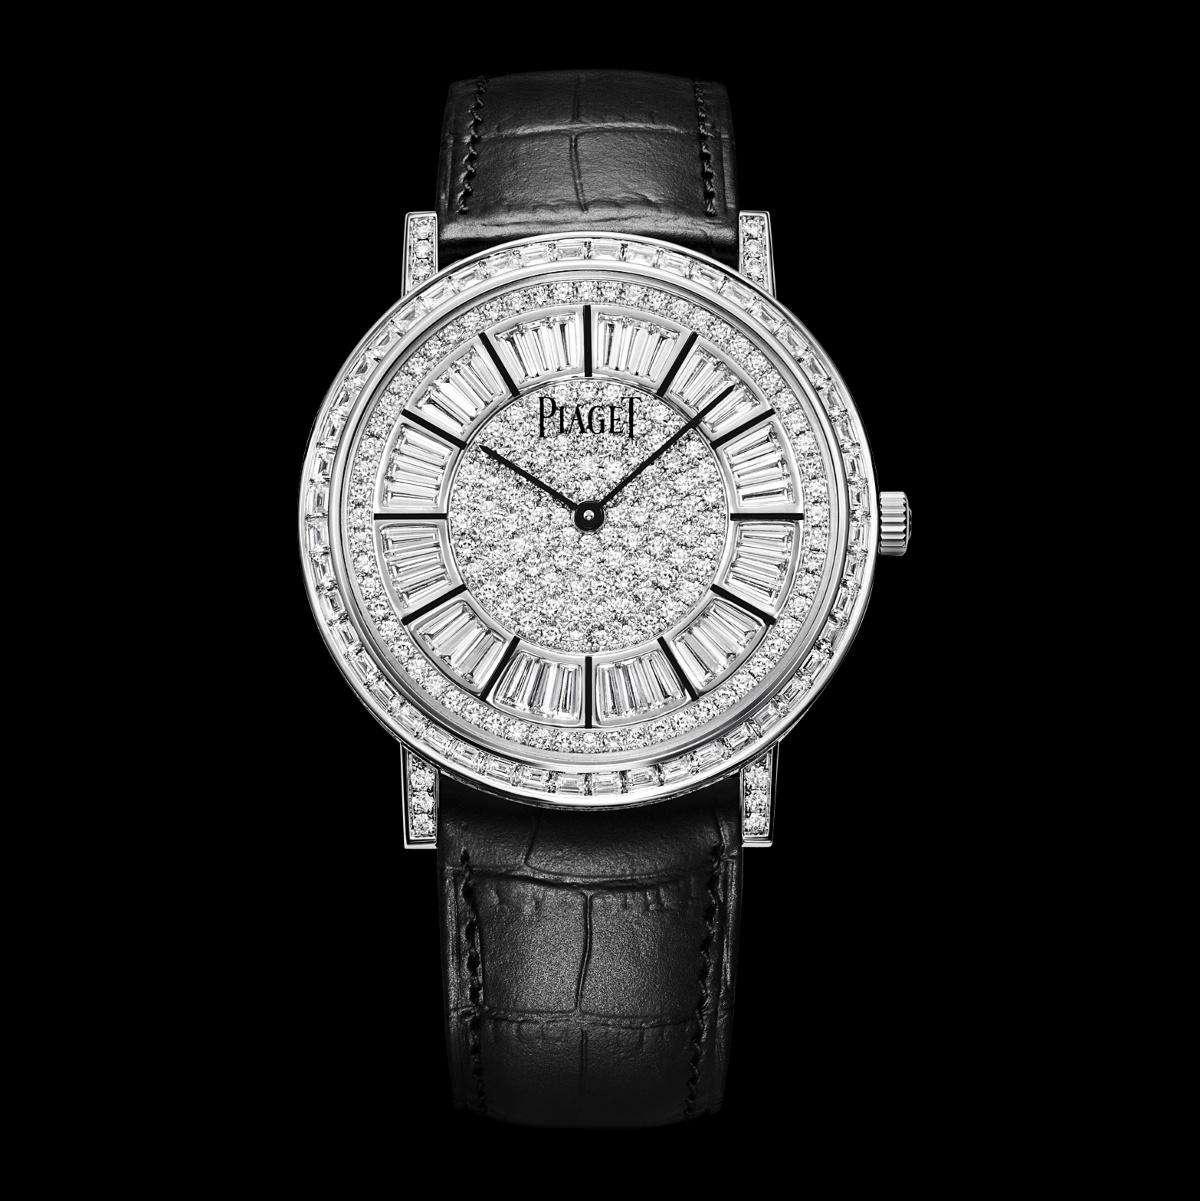 将精湛的制表工艺与独特的审美观念融入腕表的制作之中的伯爵  贵阳回收手表